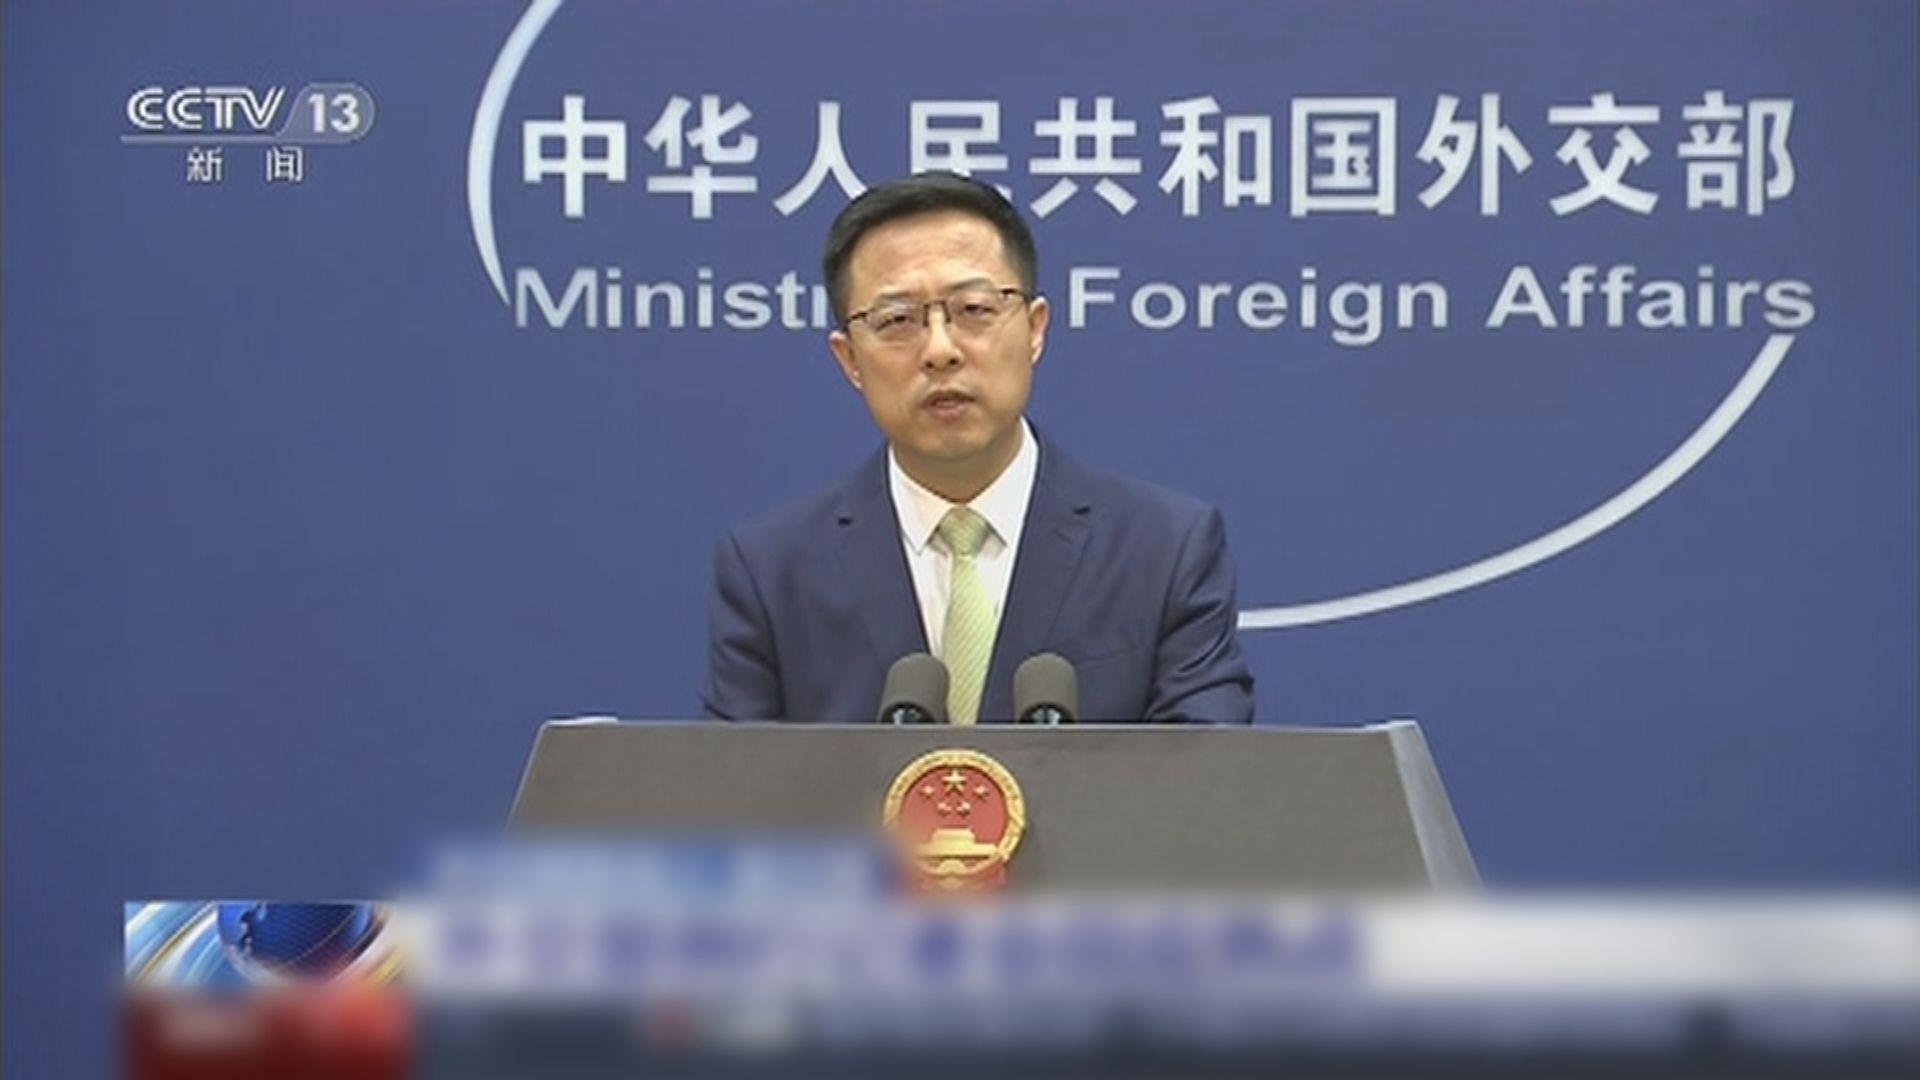 中國將繼續與國際合作 致力於和平利用外空